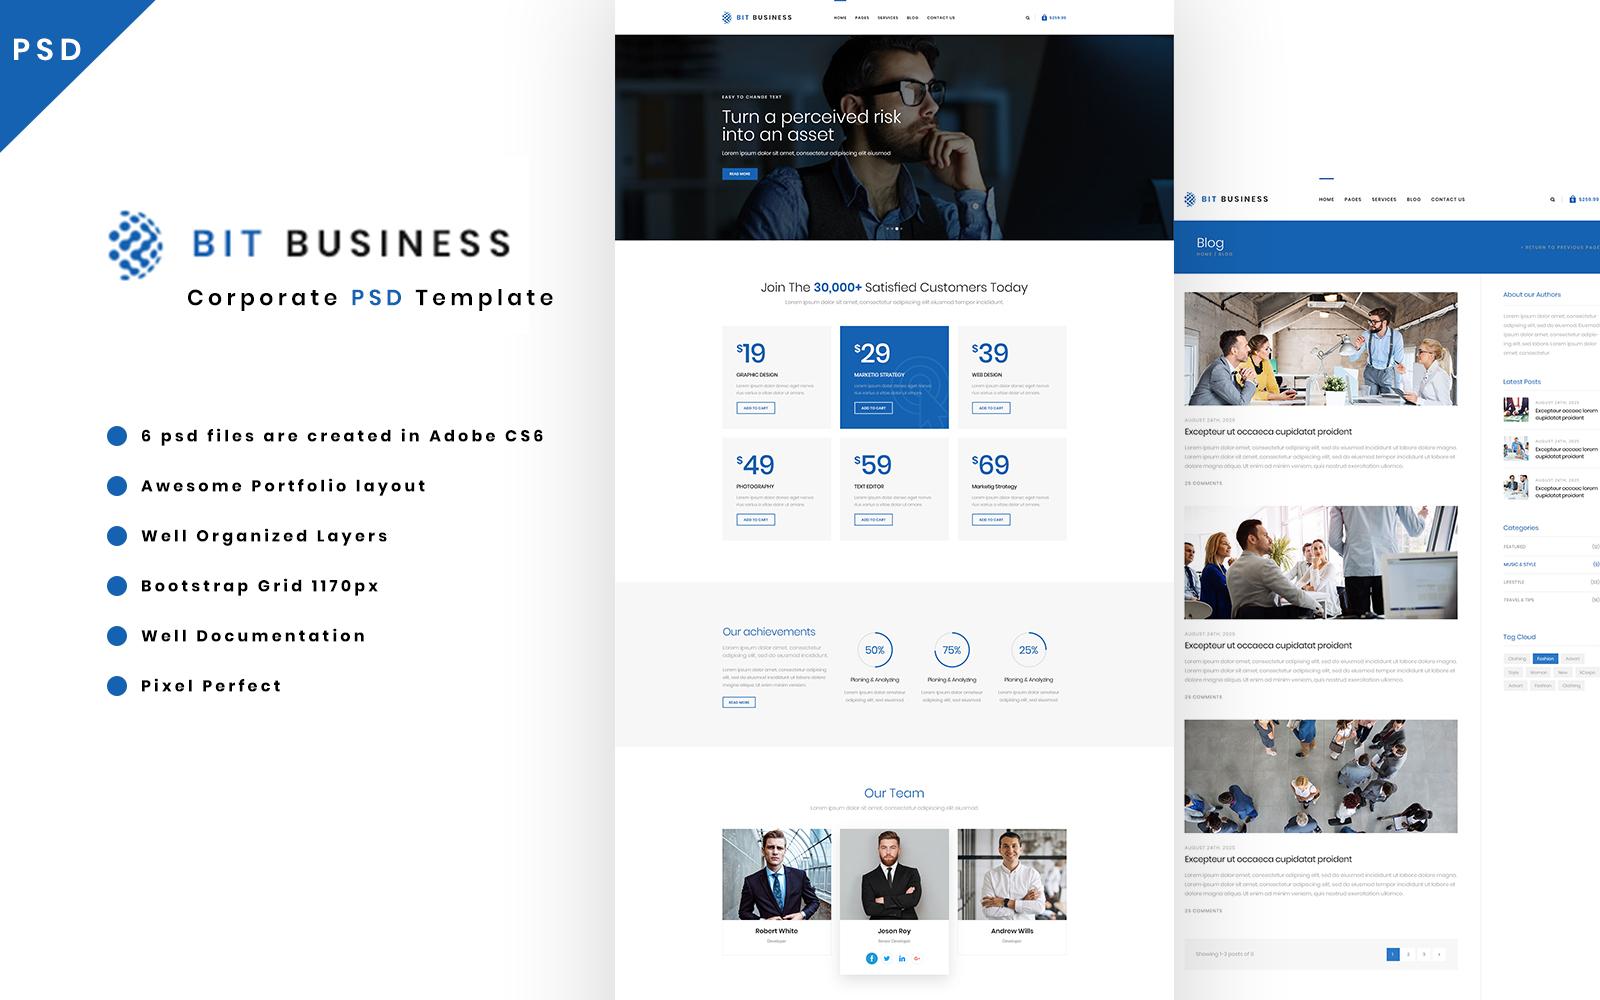 Bit Business - Corporate PSD Template